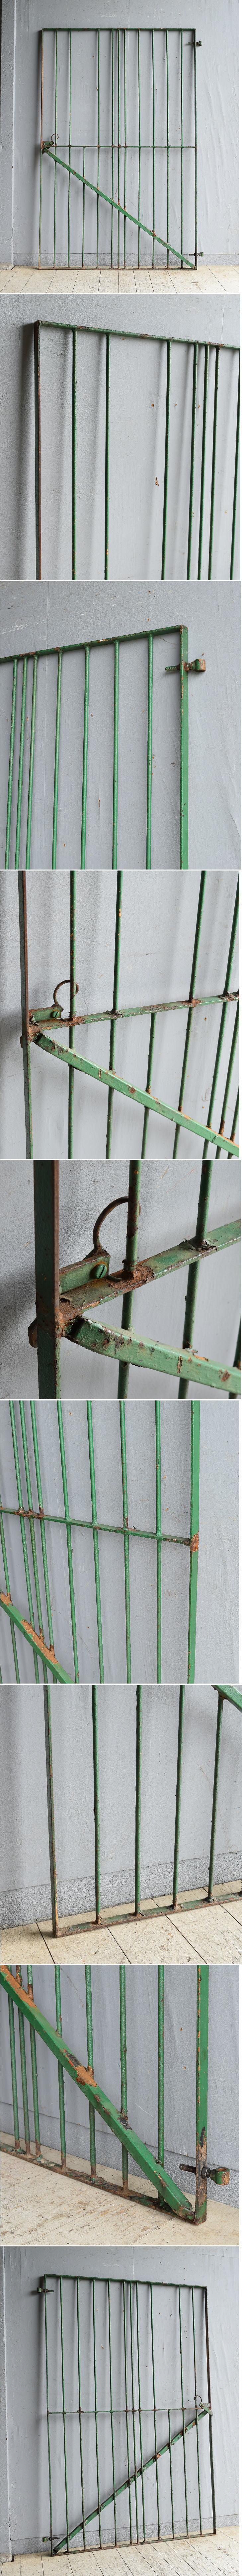 イギリスアンティーク アイアンフェンス ゲート柵 ガーデニング 8626